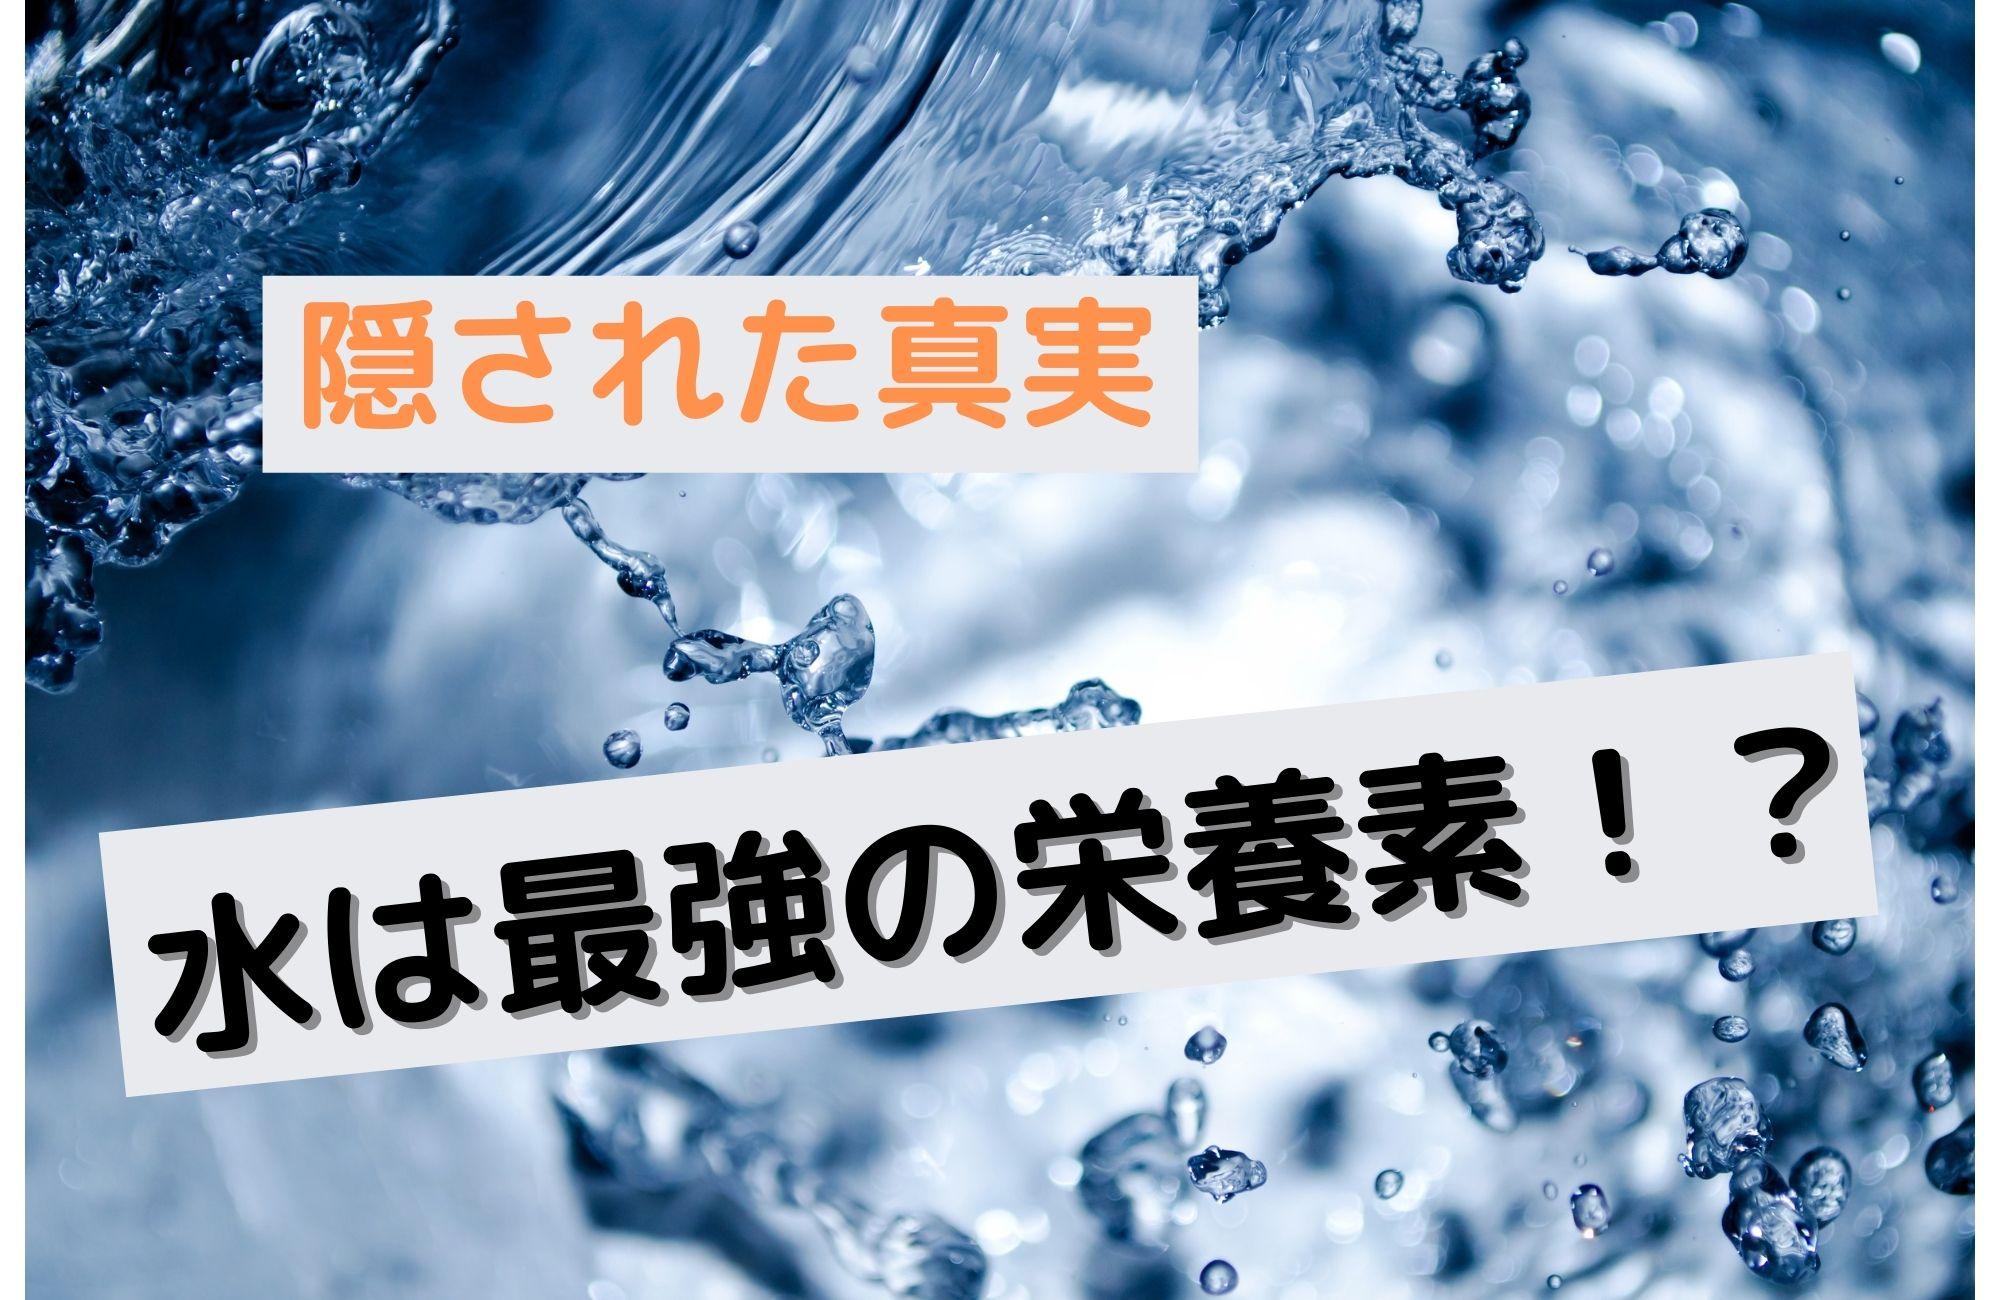 6大栄養素!?水の隠された効果とは